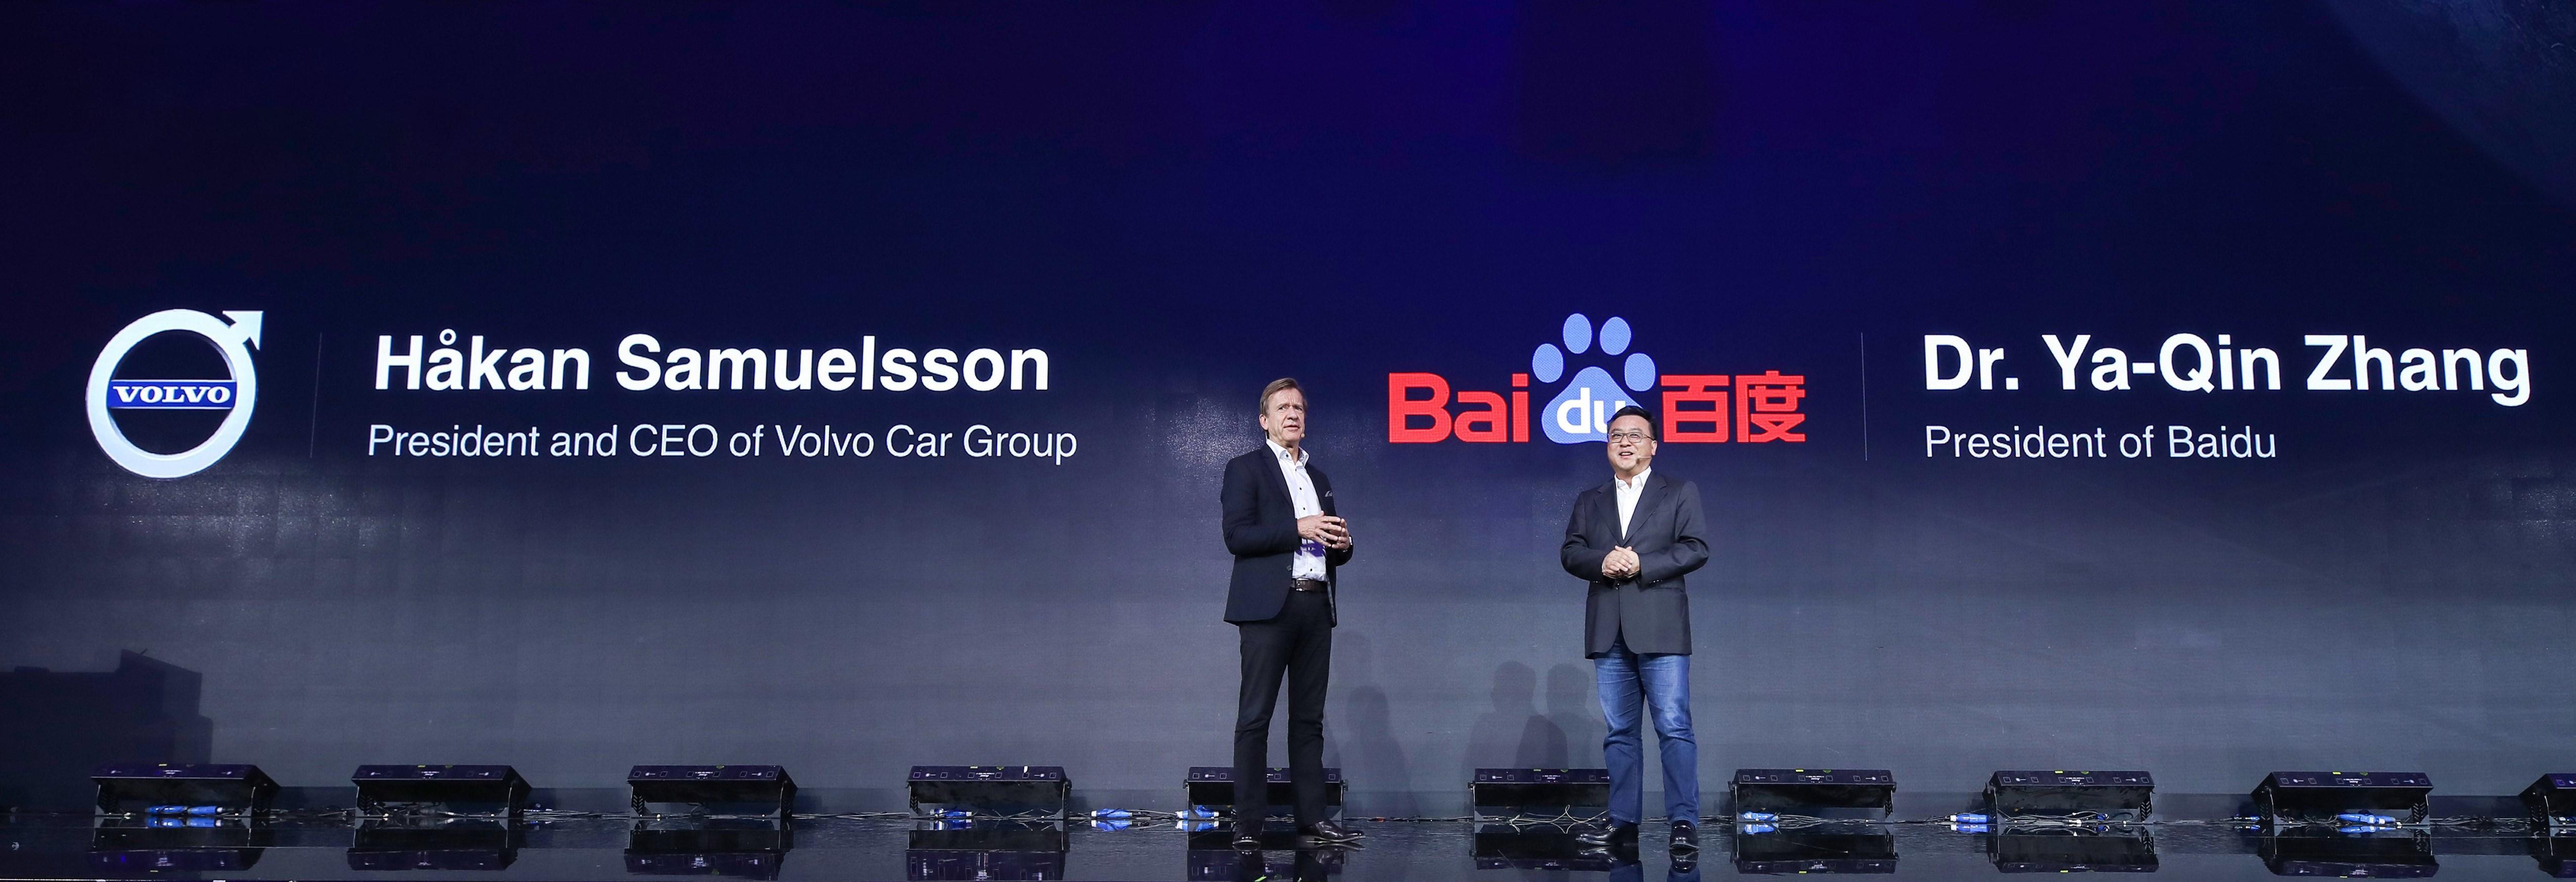 Baidu se alía con Volvo para liderar el coche autónomo